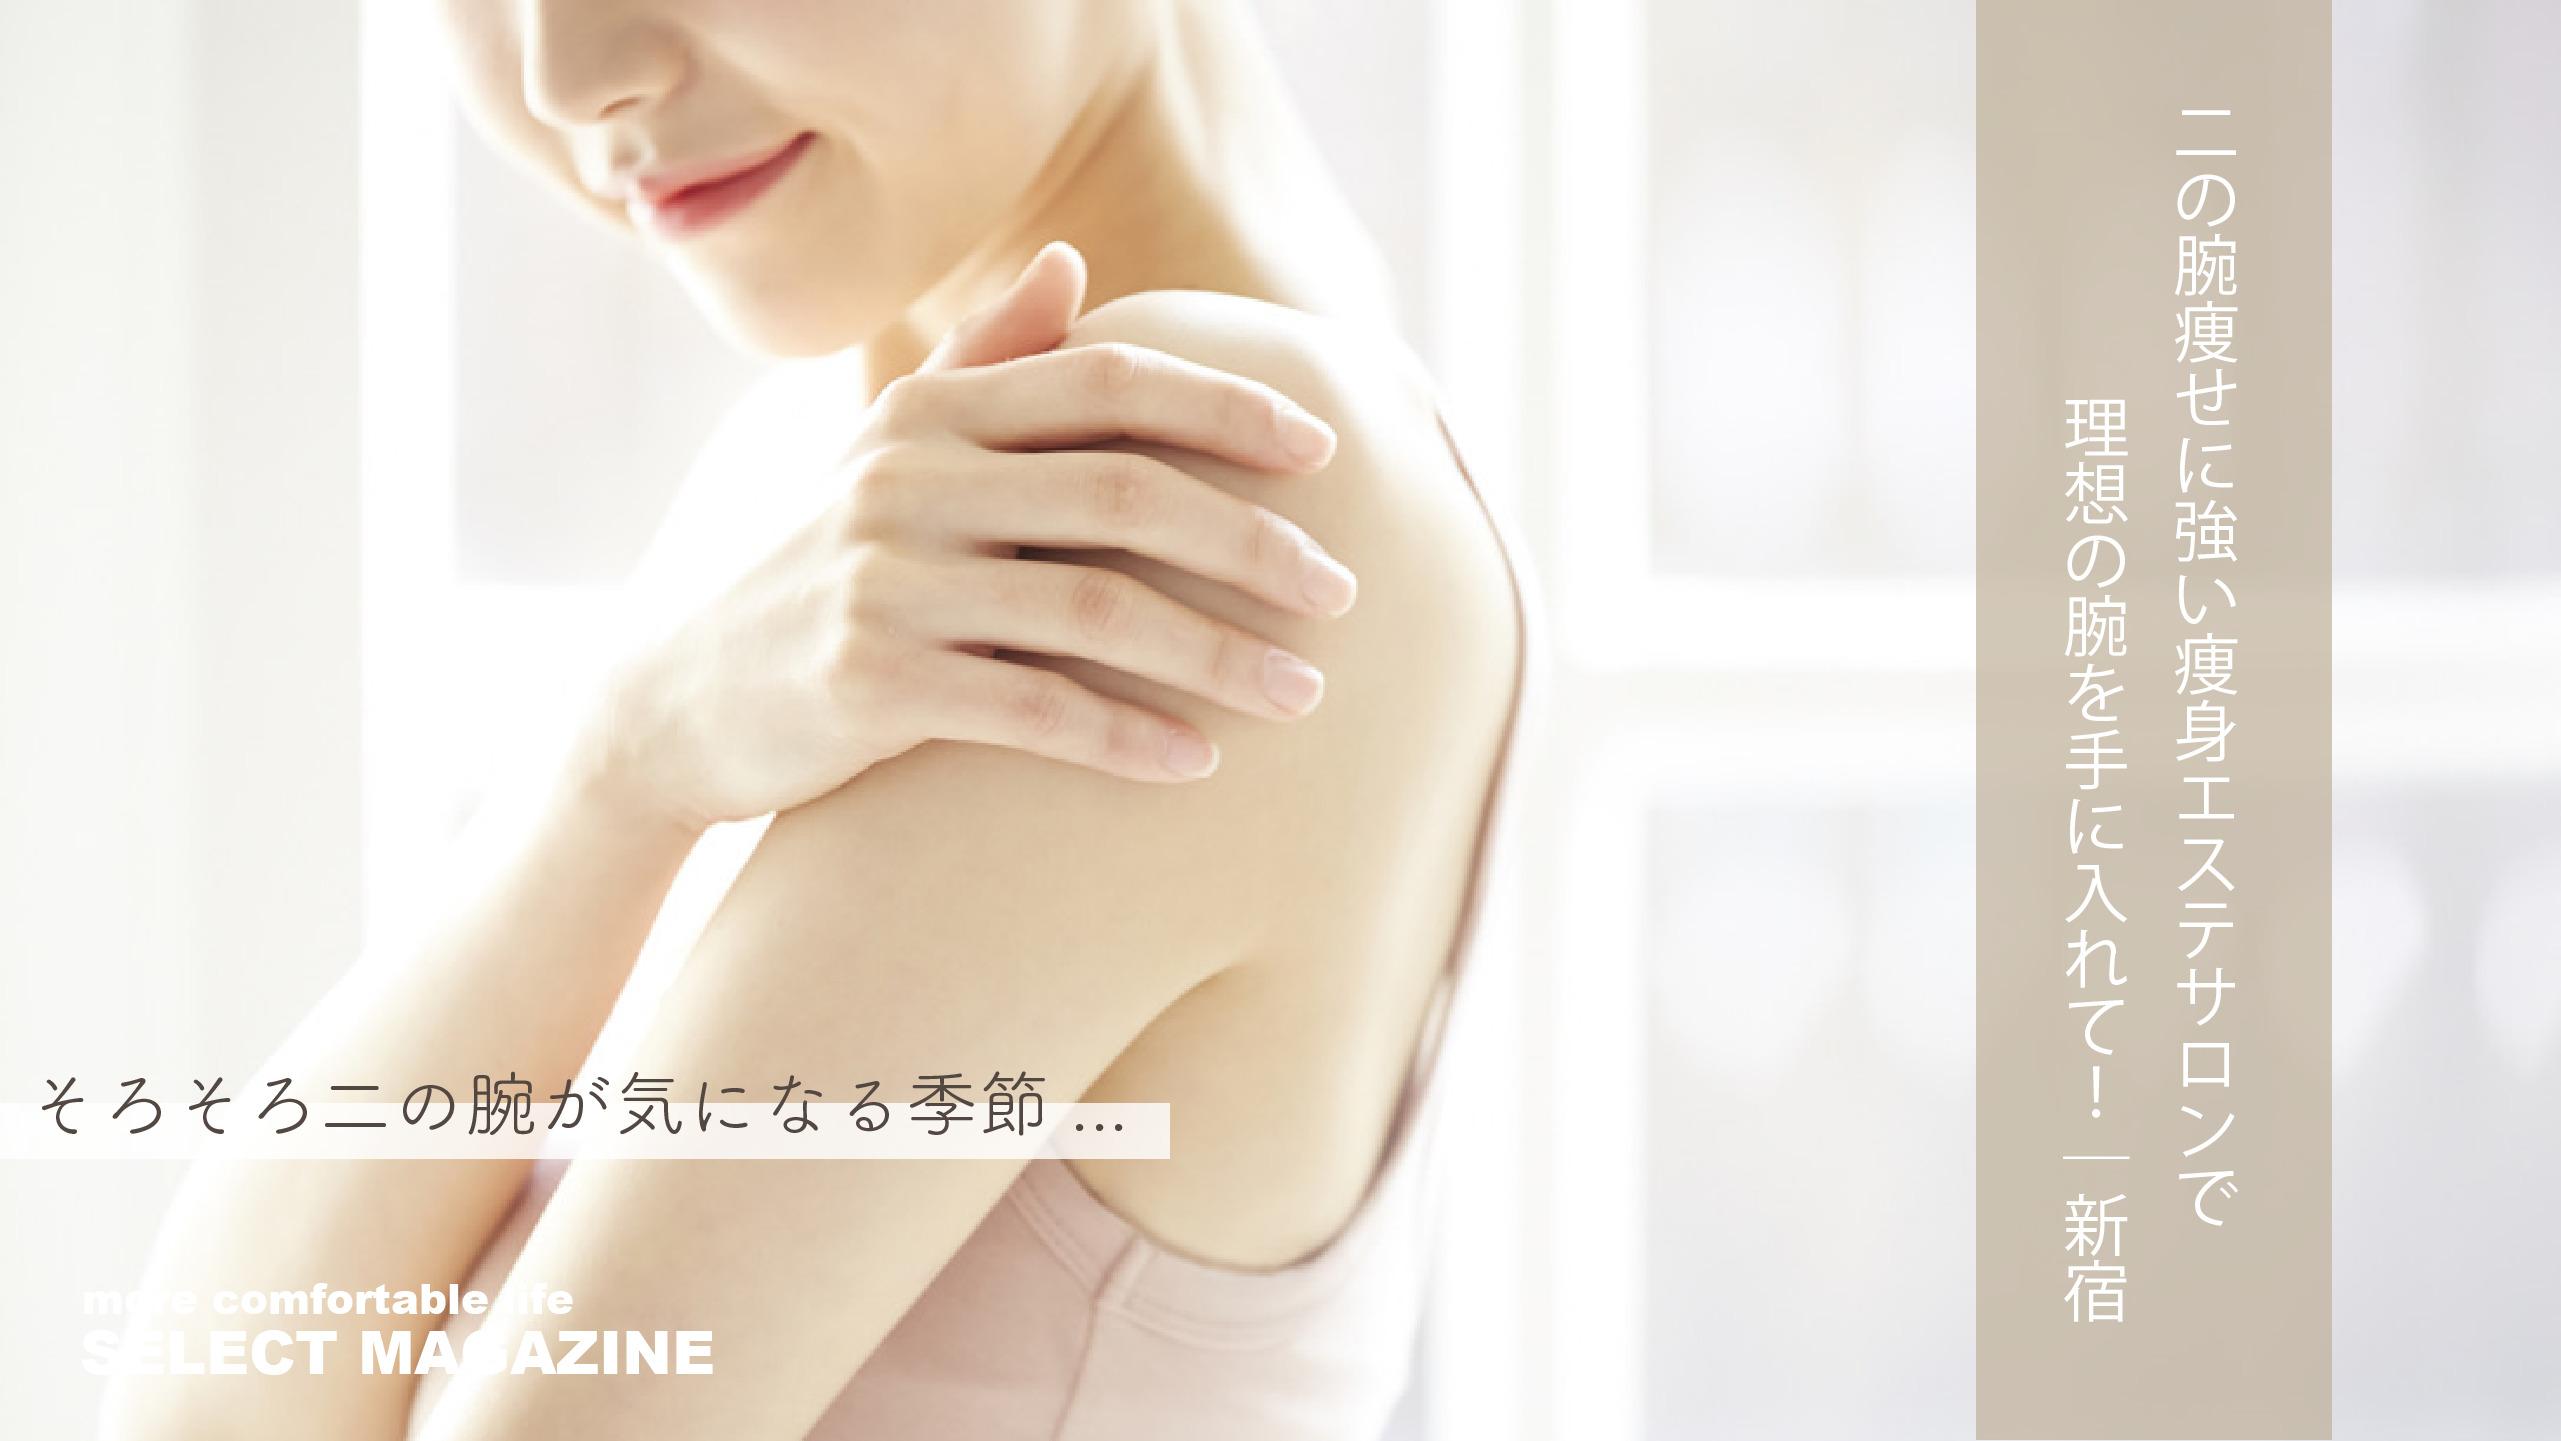 【そろそろ二の腕が気になる季節】二の腕痩せに強い痩身エステサロンで理想の腕を手に入れて!|新宿